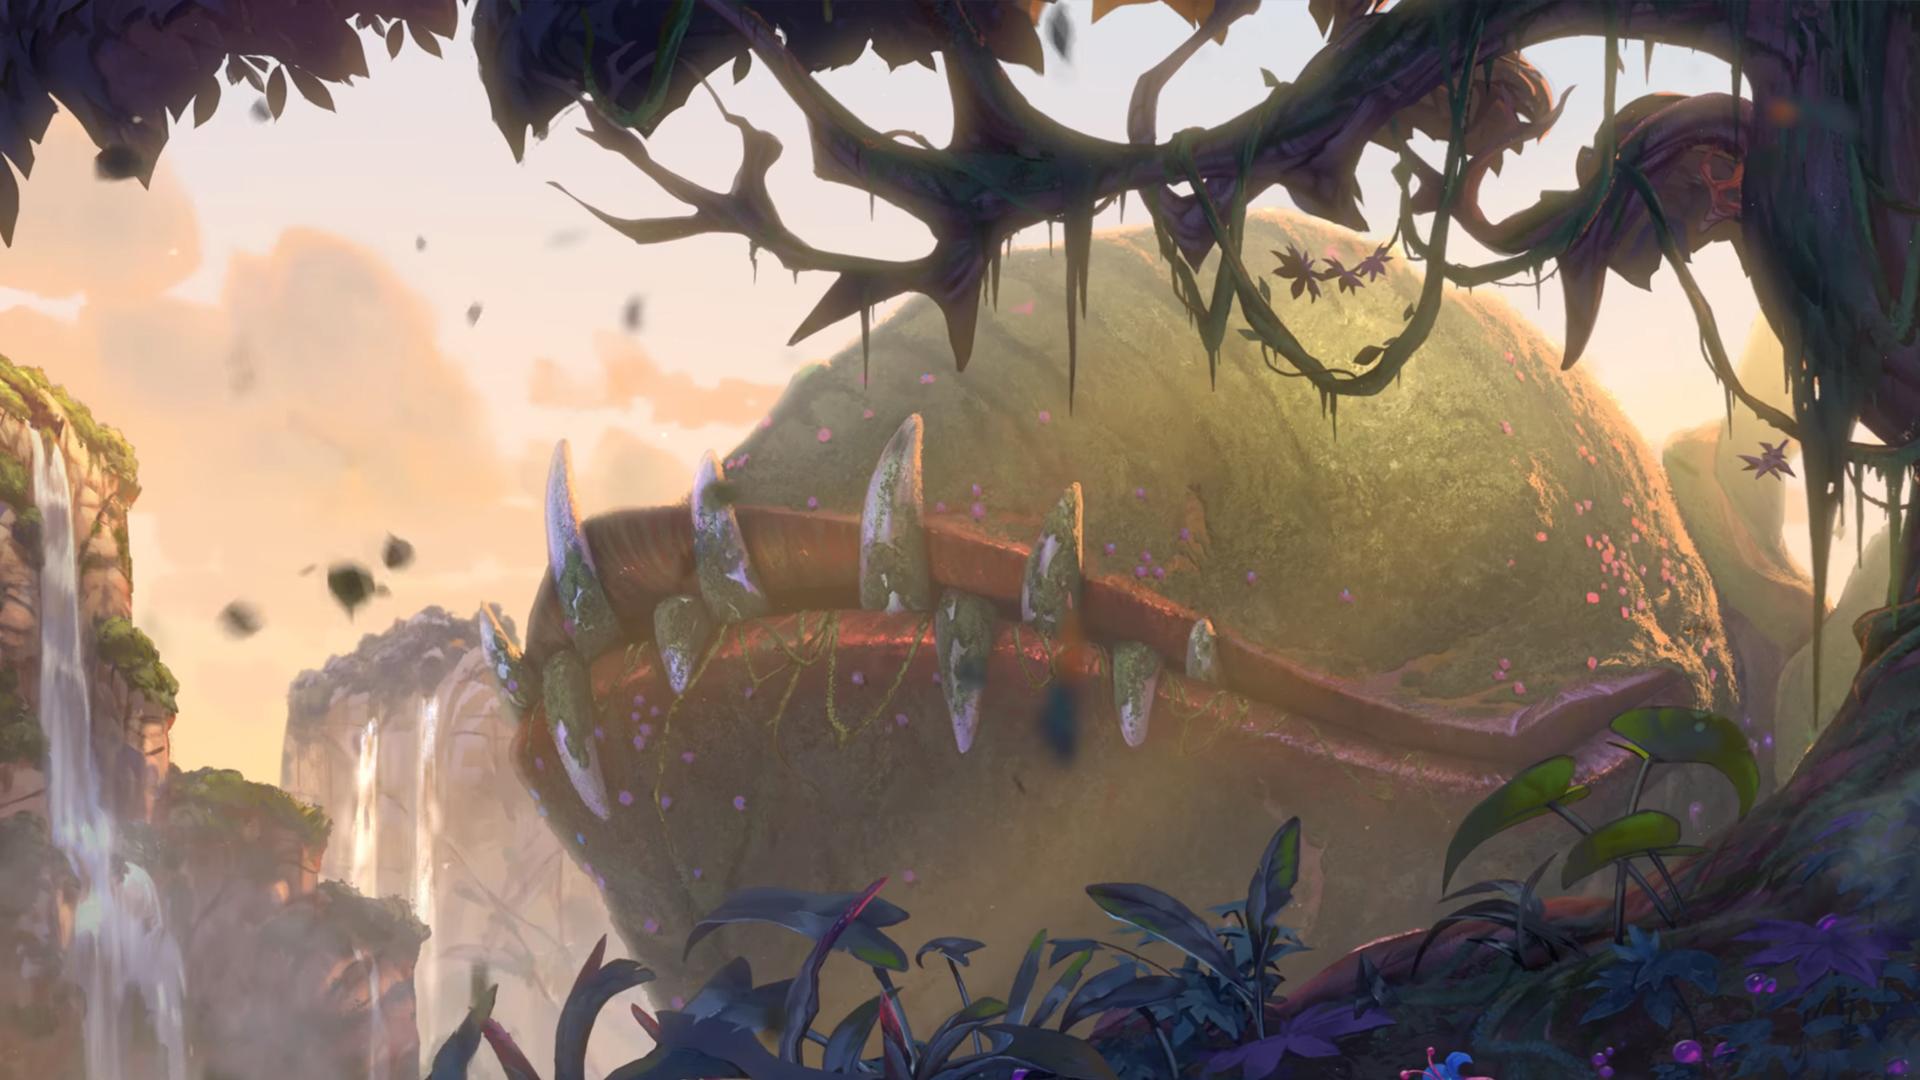 美轮美奂  安戈洛环形山1080p原画壁纸